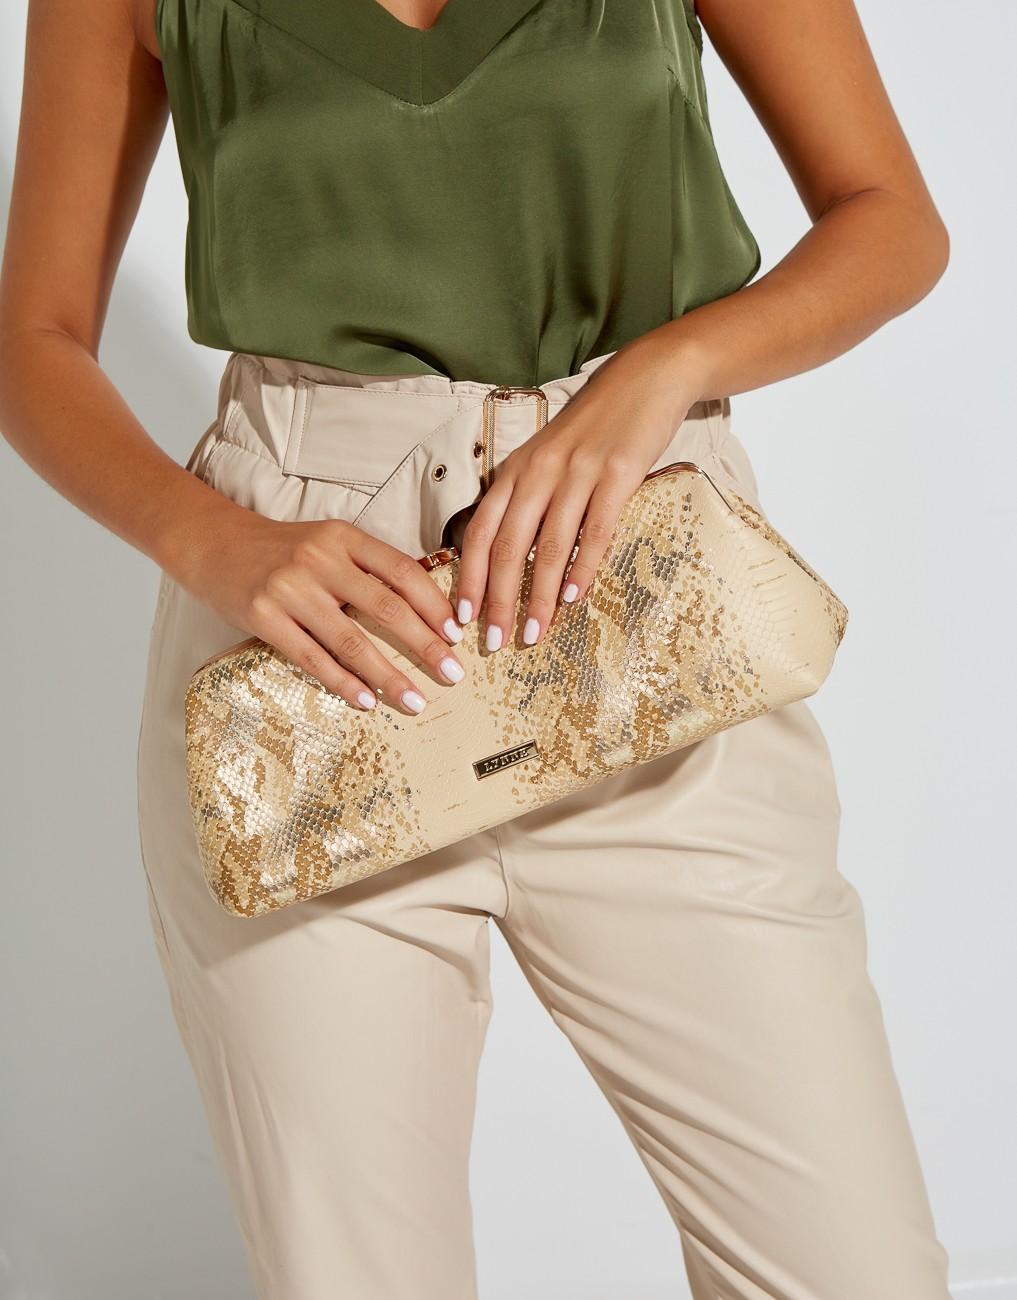 Pochette bag with snake print